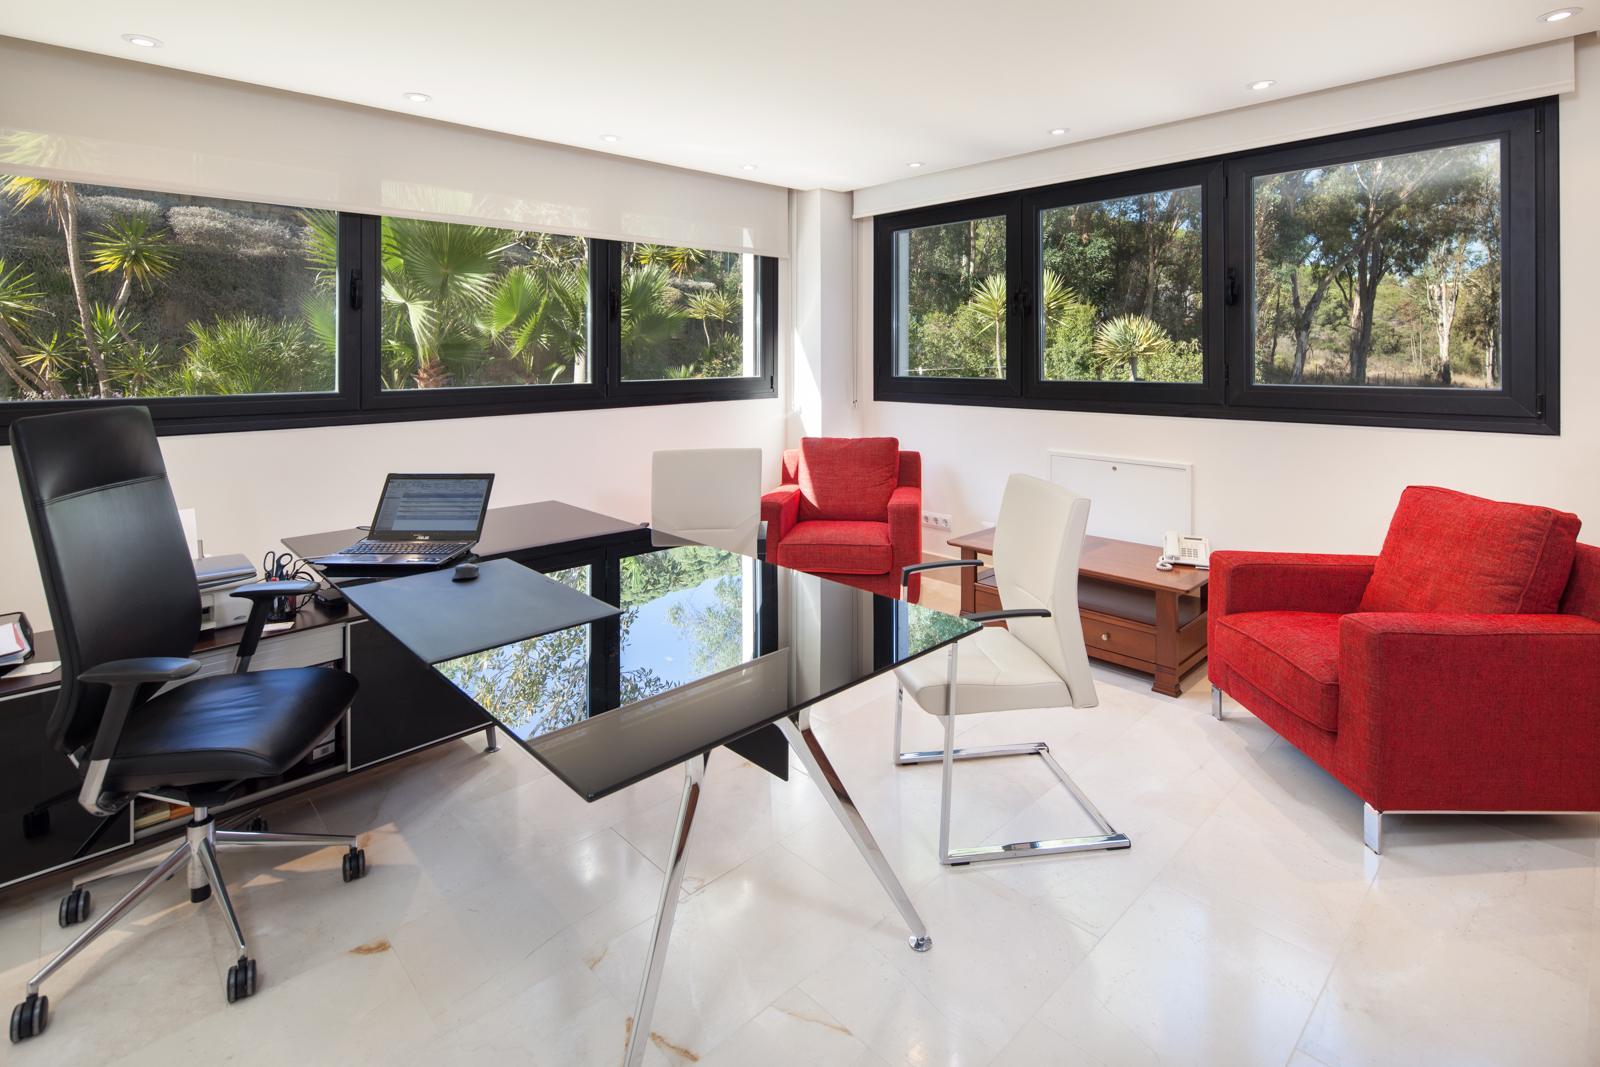 despacho fotografo andreas grunau casa en sotogrande villa de lujo real estate